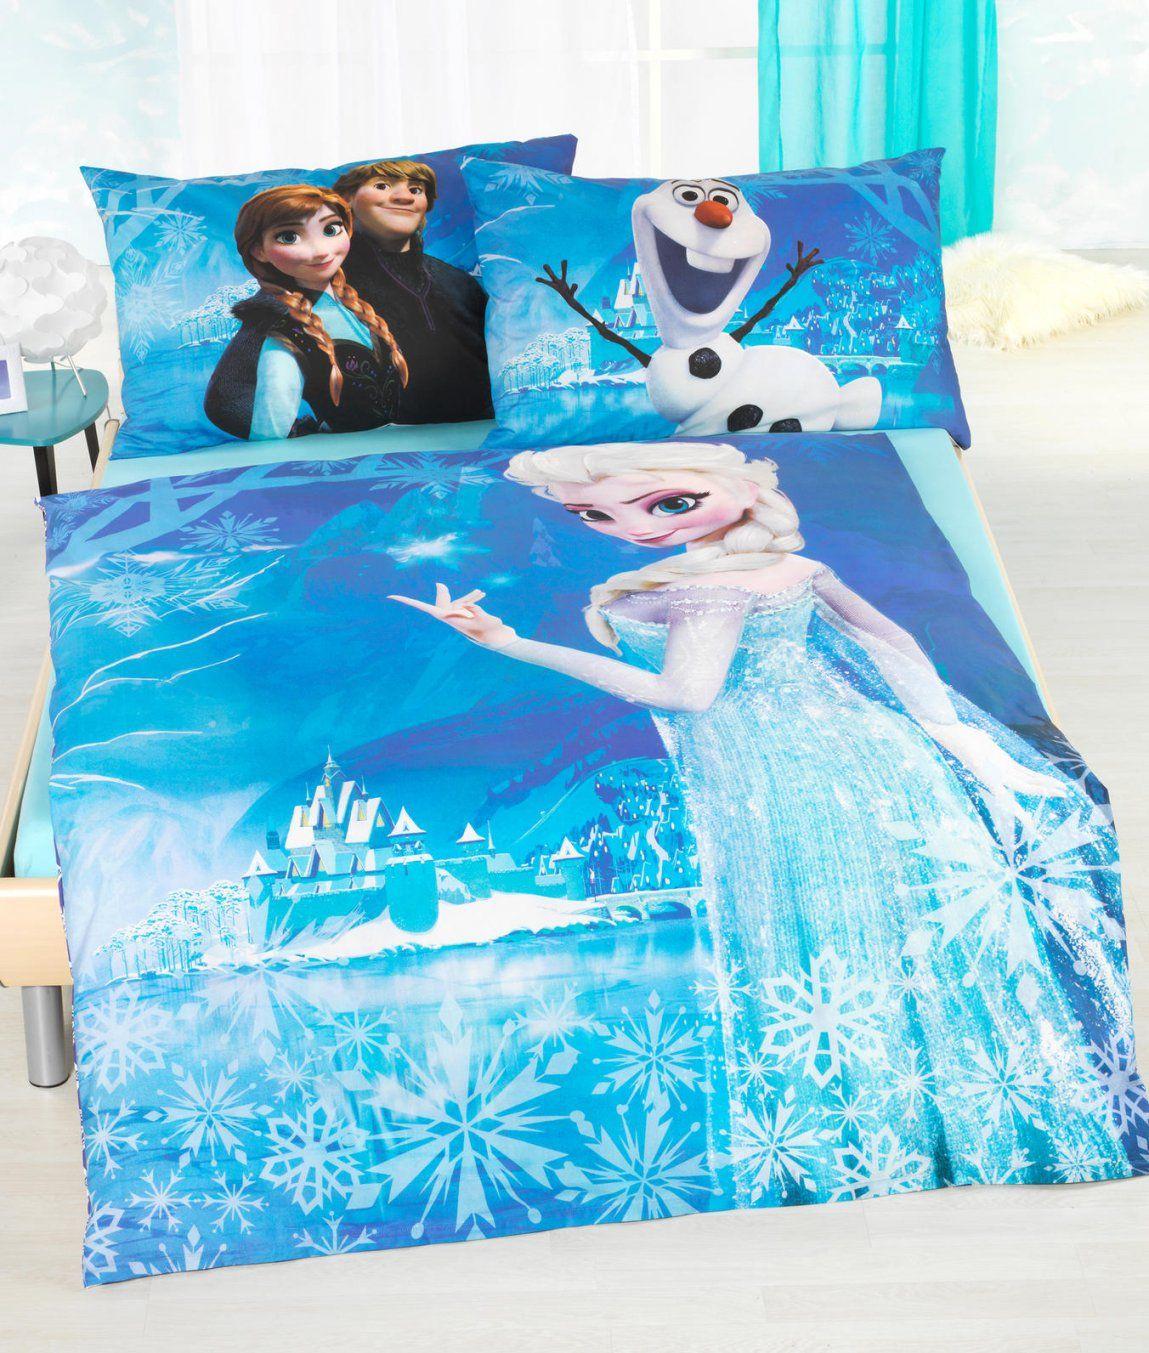 Kinderbettwäsche Garnitur Frozen Kaufen  Angela Bruderer Onlineshop von Anna Und Elsa Bettwäsche Aldi Bild